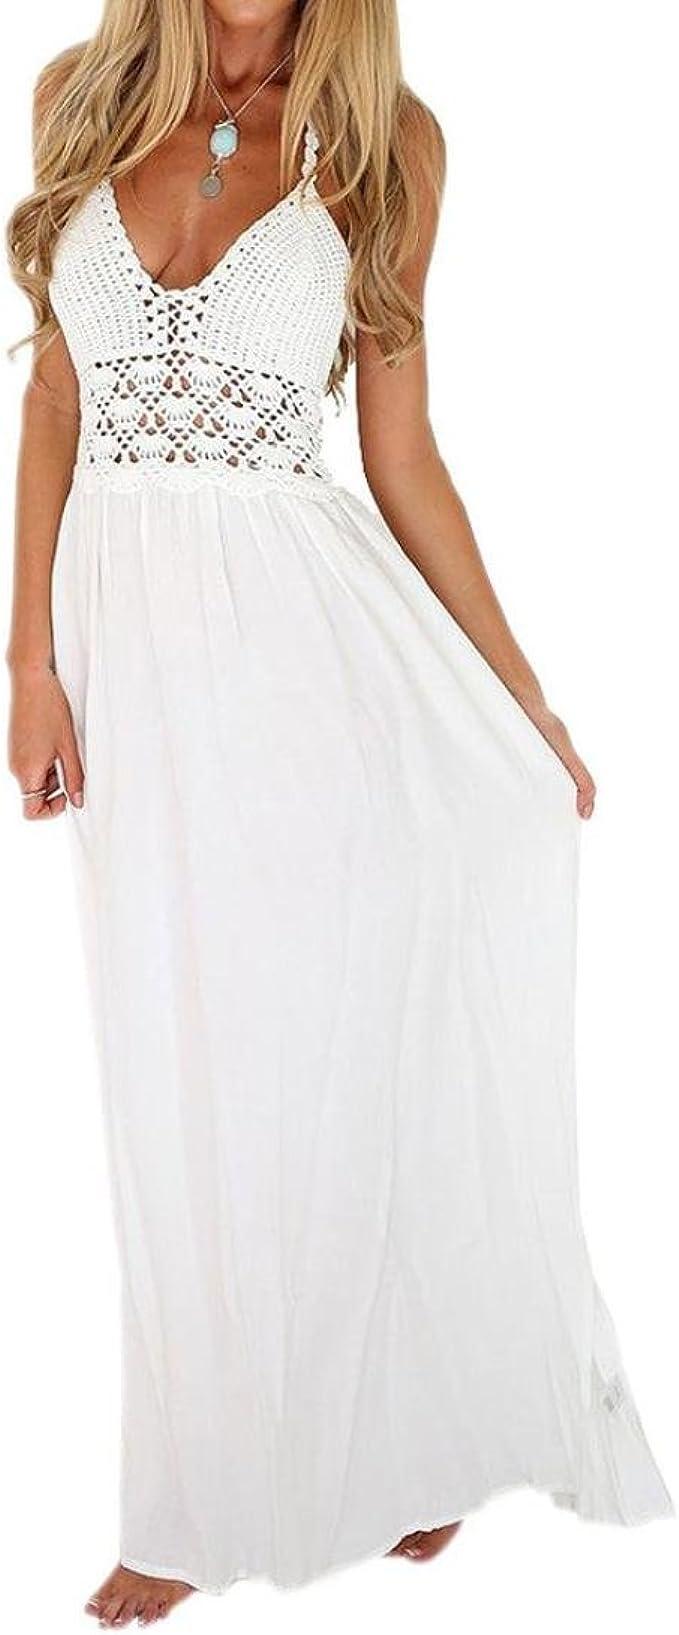 rückenfreies weißes kleid